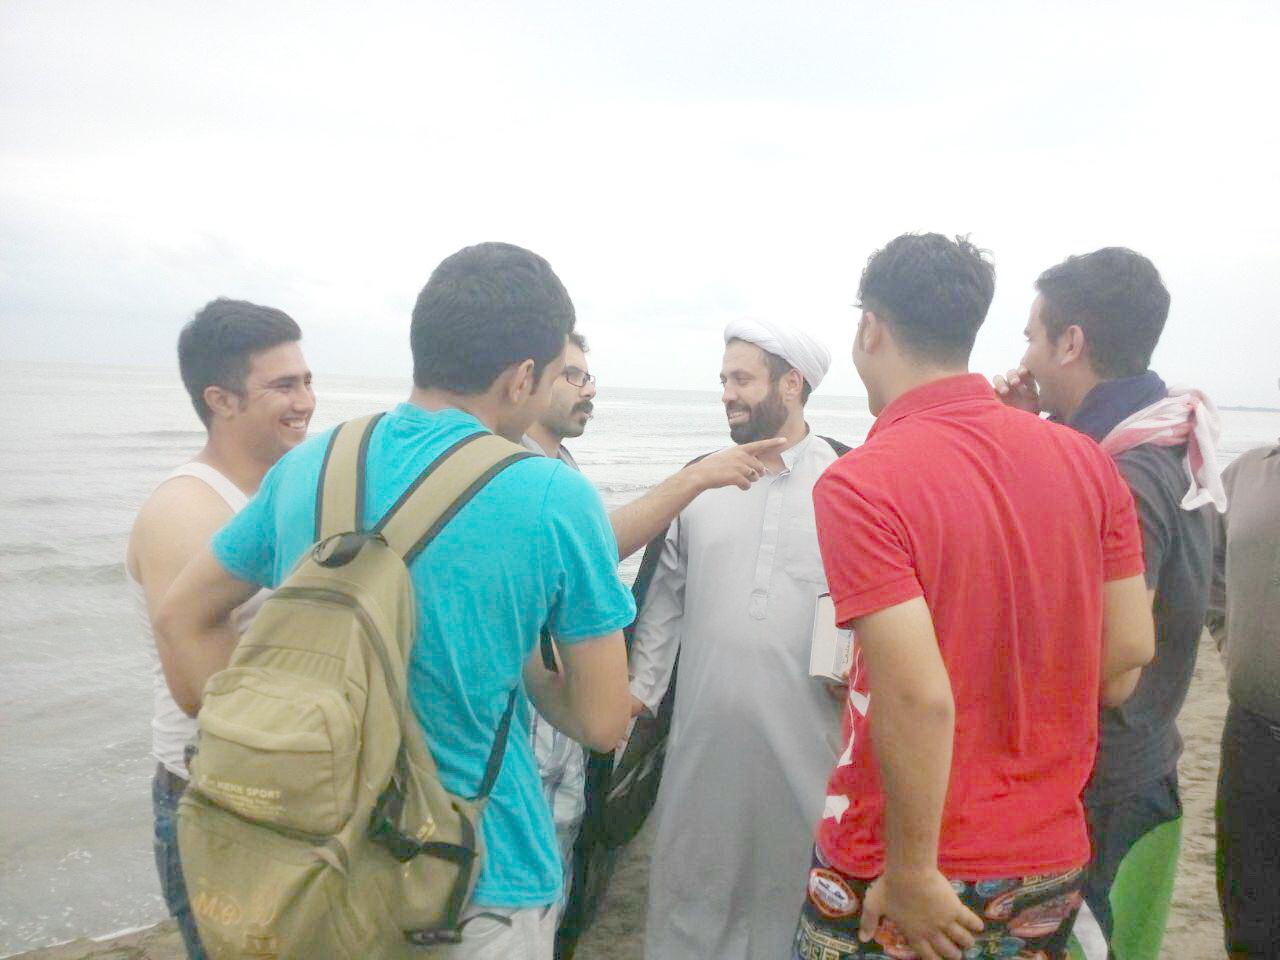 فعالیت طلاب در سواحل گیلان